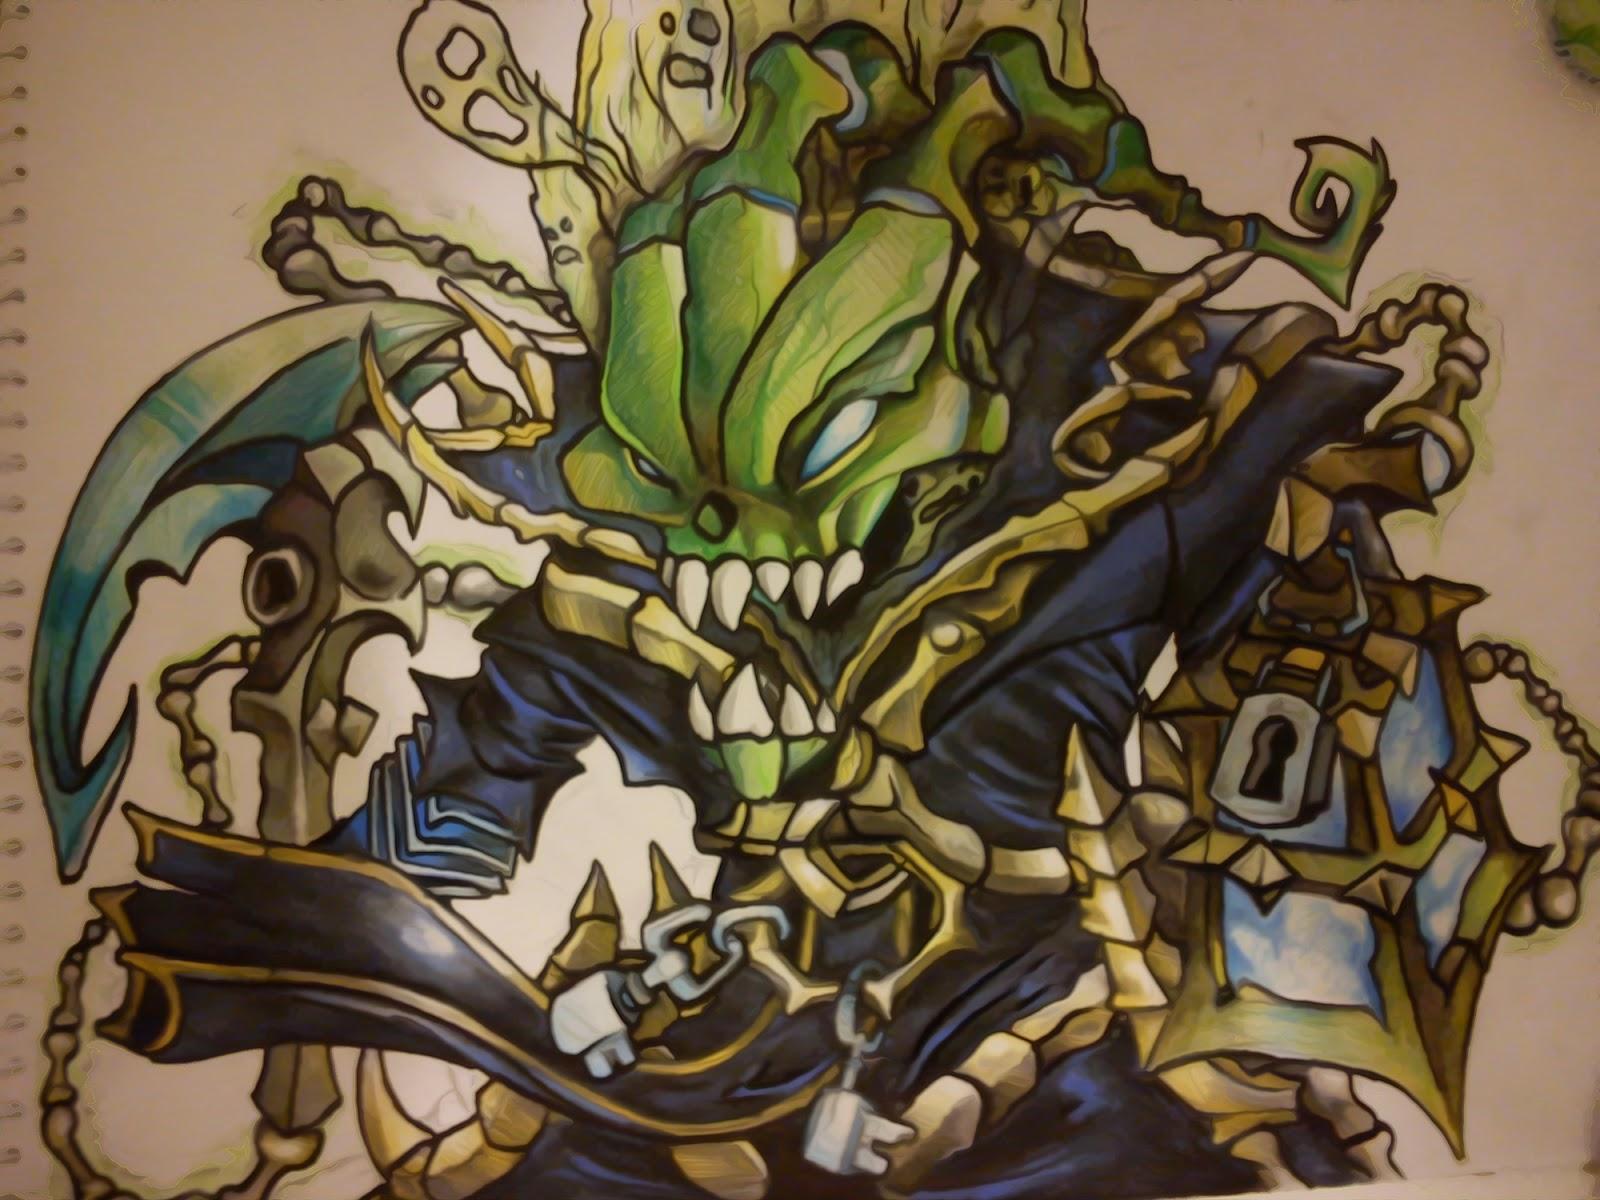 Thresh League of Legends Wallpaper